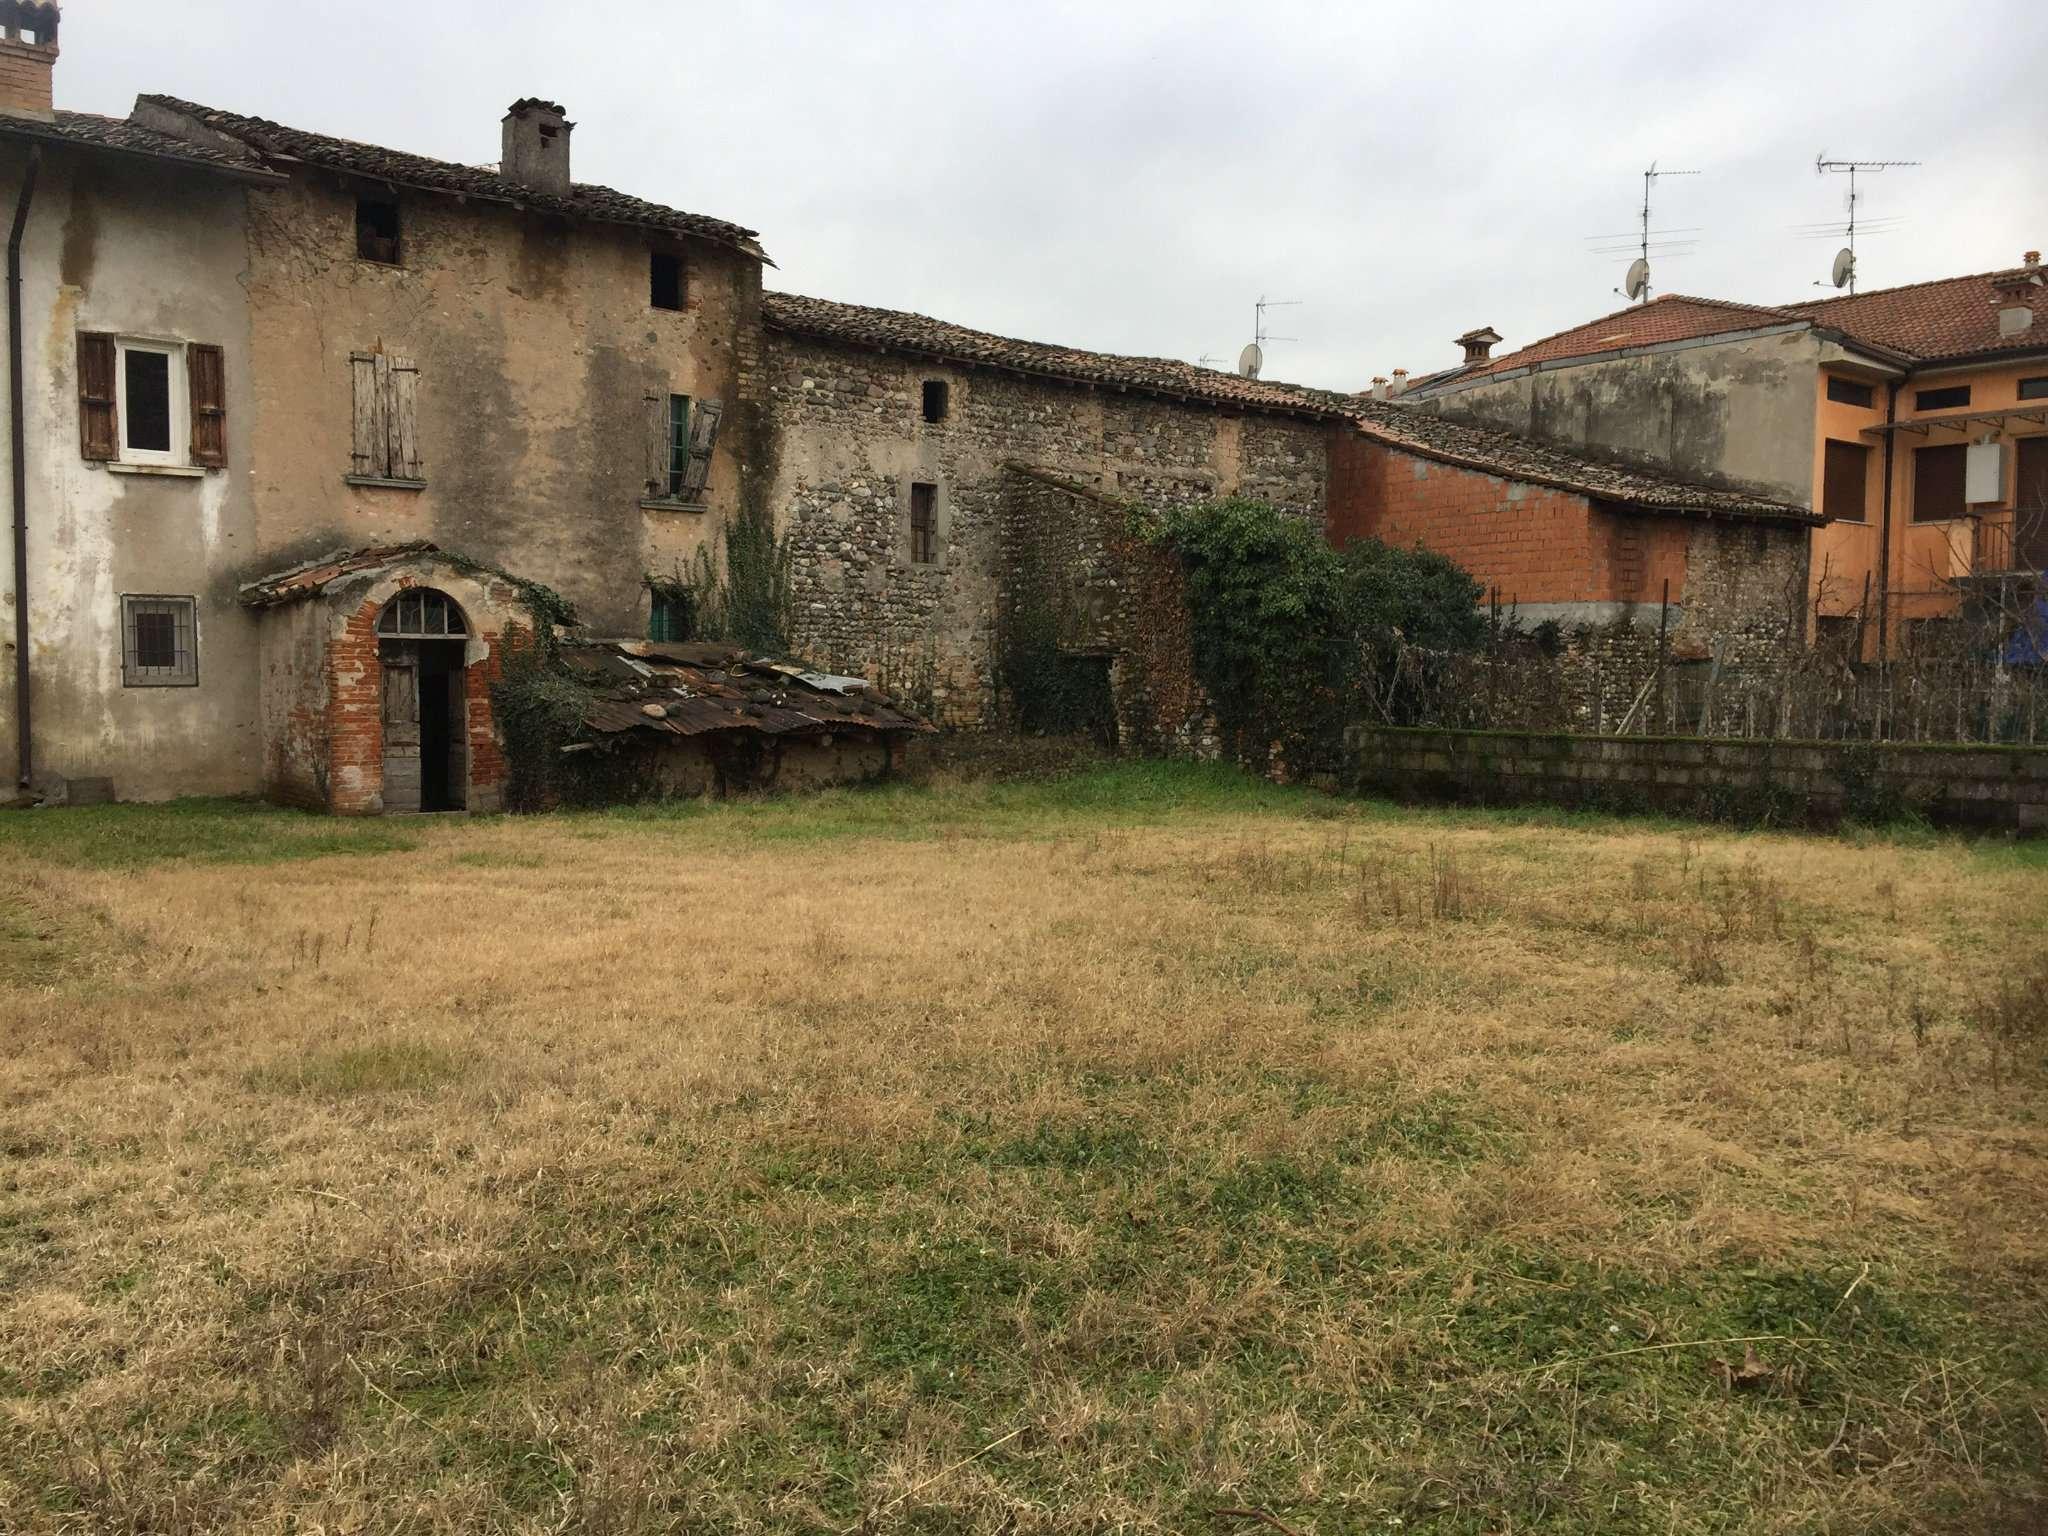 Rustico / Casale in vendita a Montichiari, 9999 locali, prezzo € 200.000   CambioCasa.it